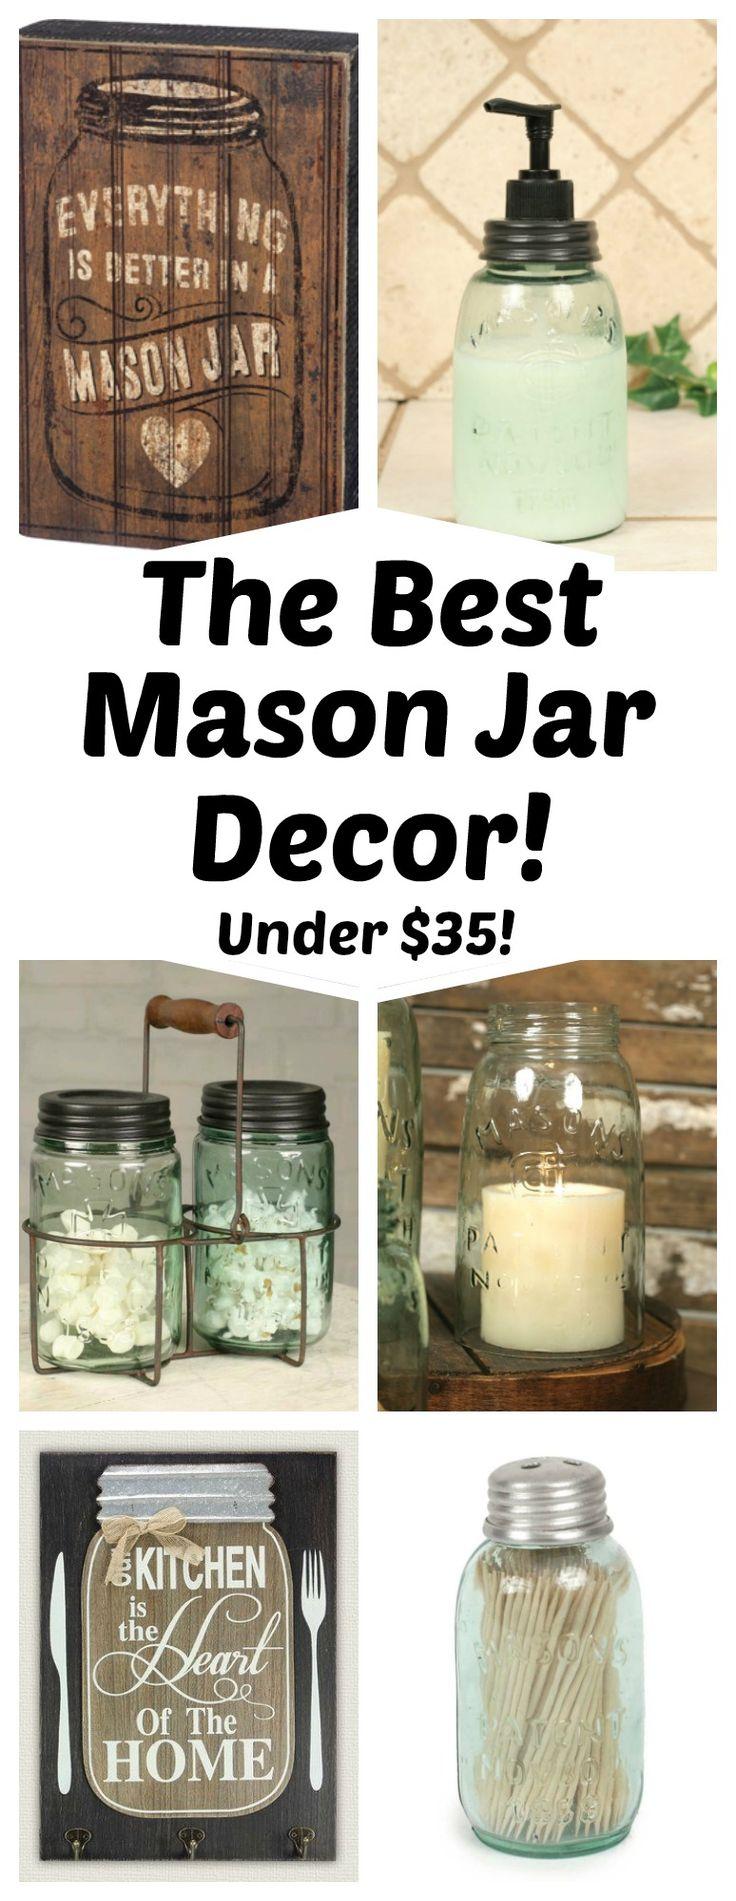 best mason jars images on pinterest jar jars and mason jars